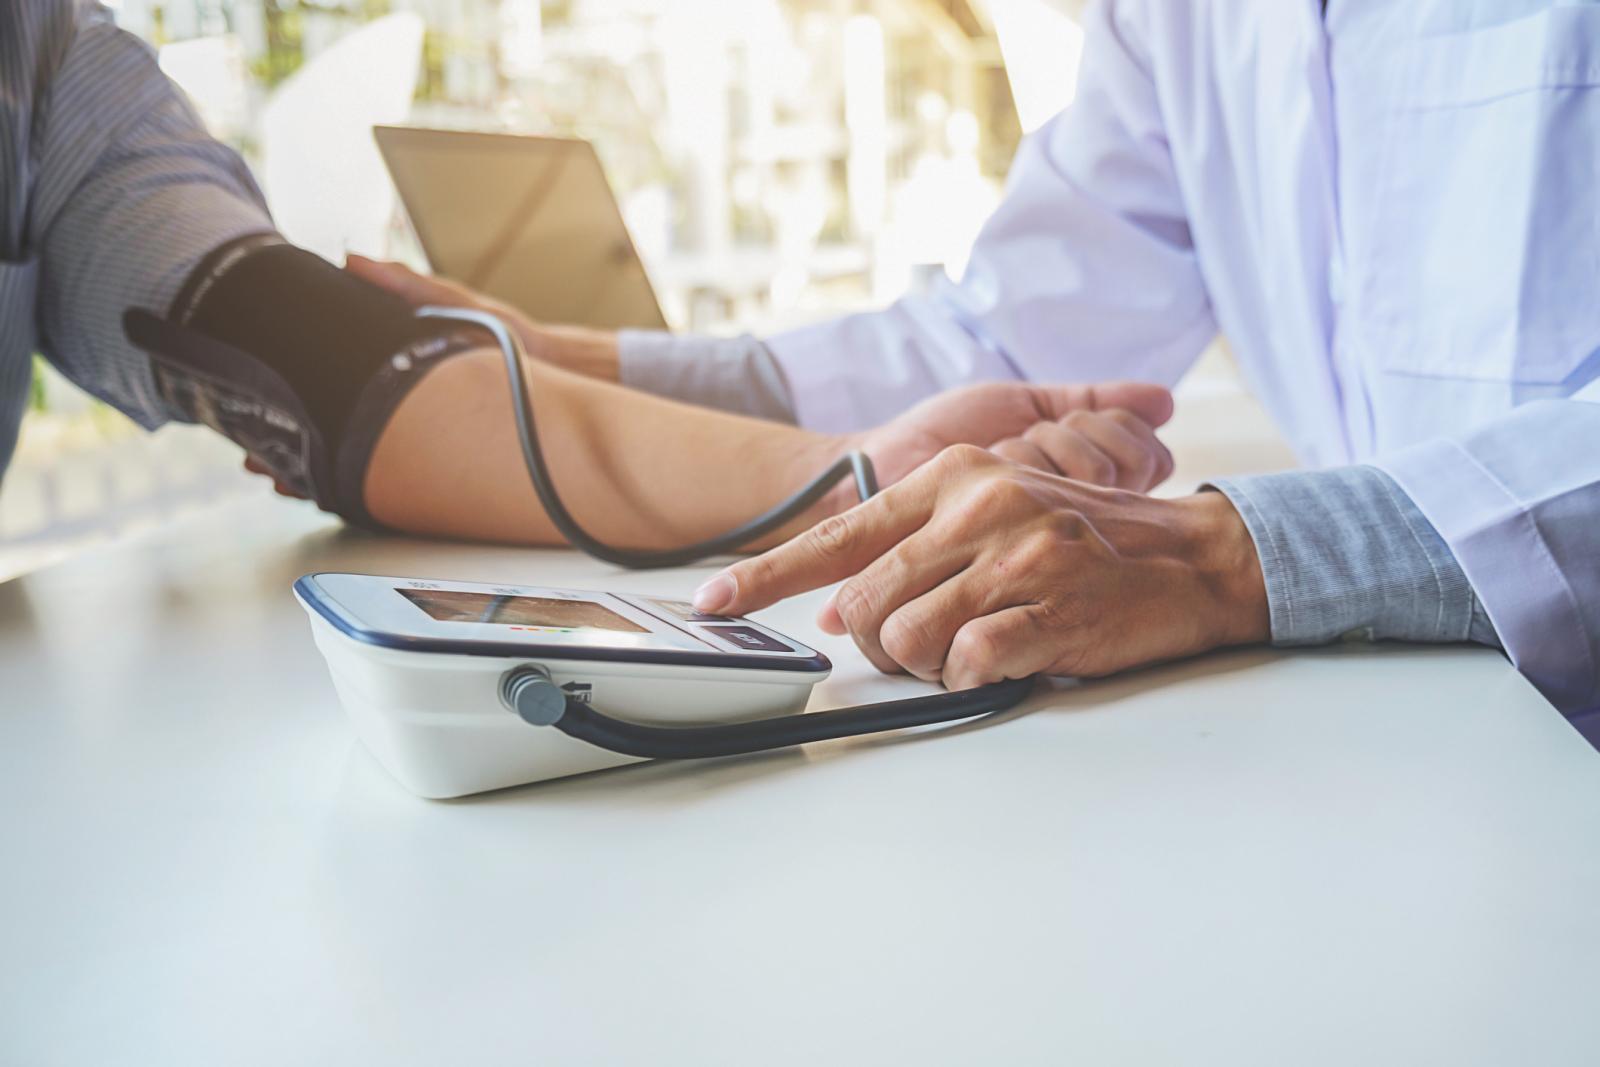 Povišen arterijski tlak je glavni nezavisni čimbenik rizika za razvoj kardiovaskularnih bolesti.